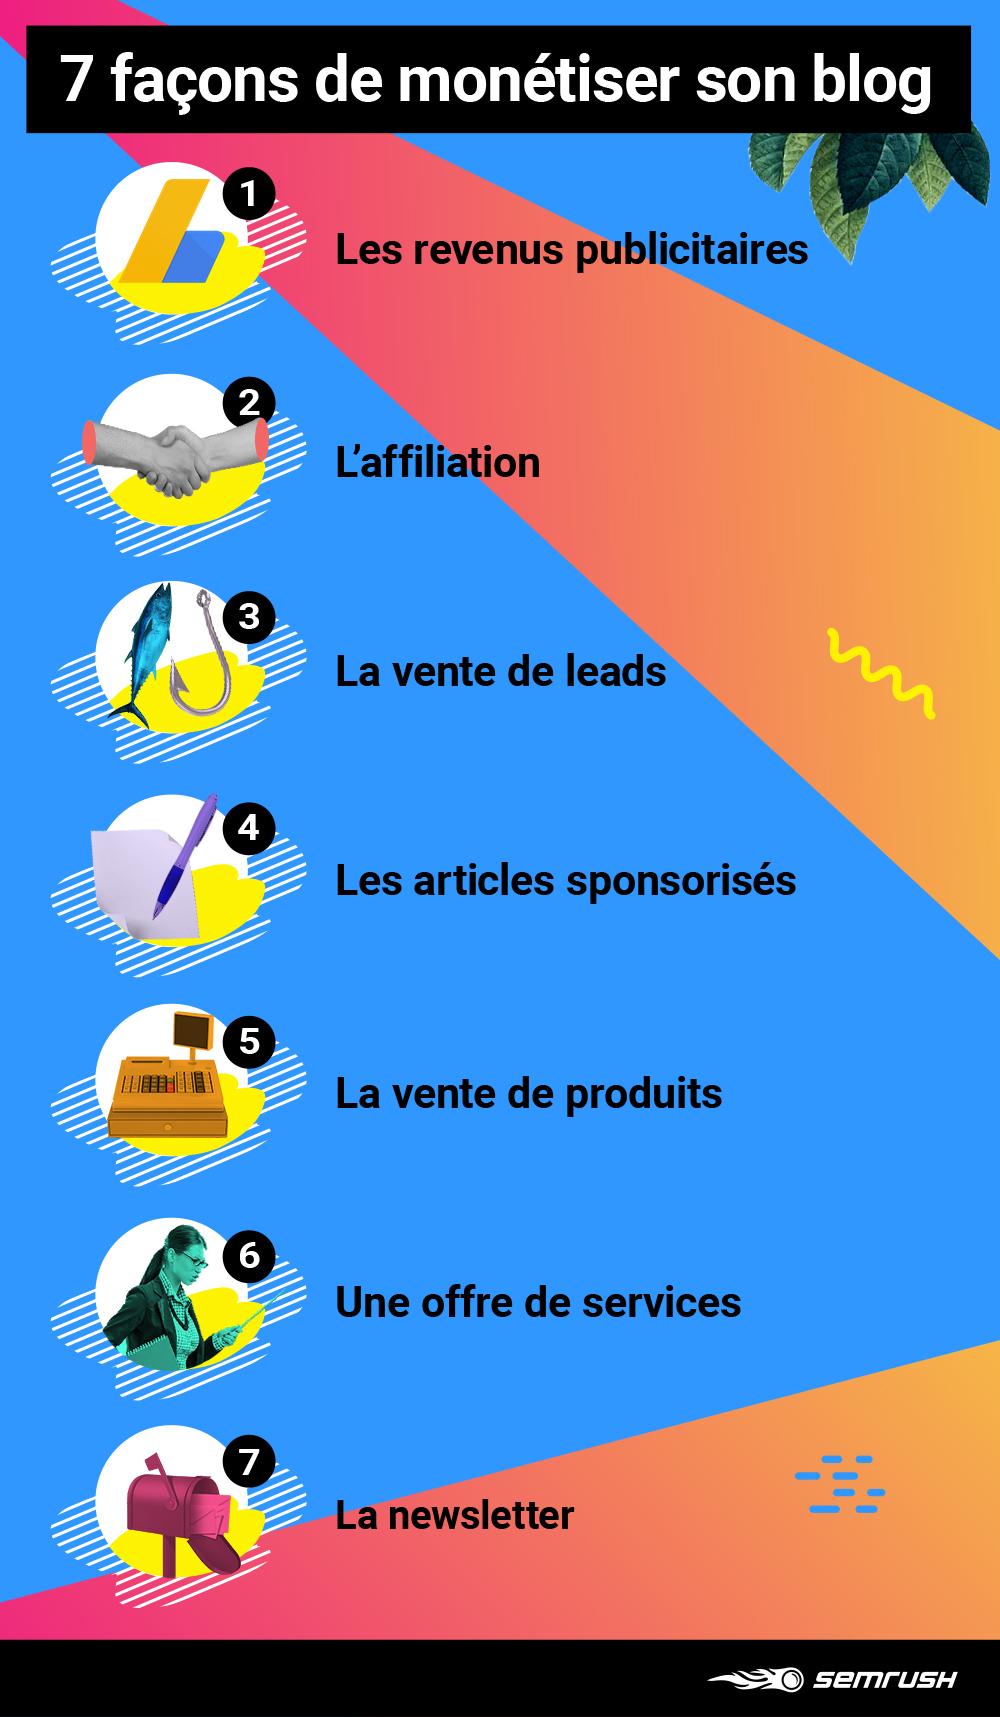 infographie : 7 façons de monétiser son blog